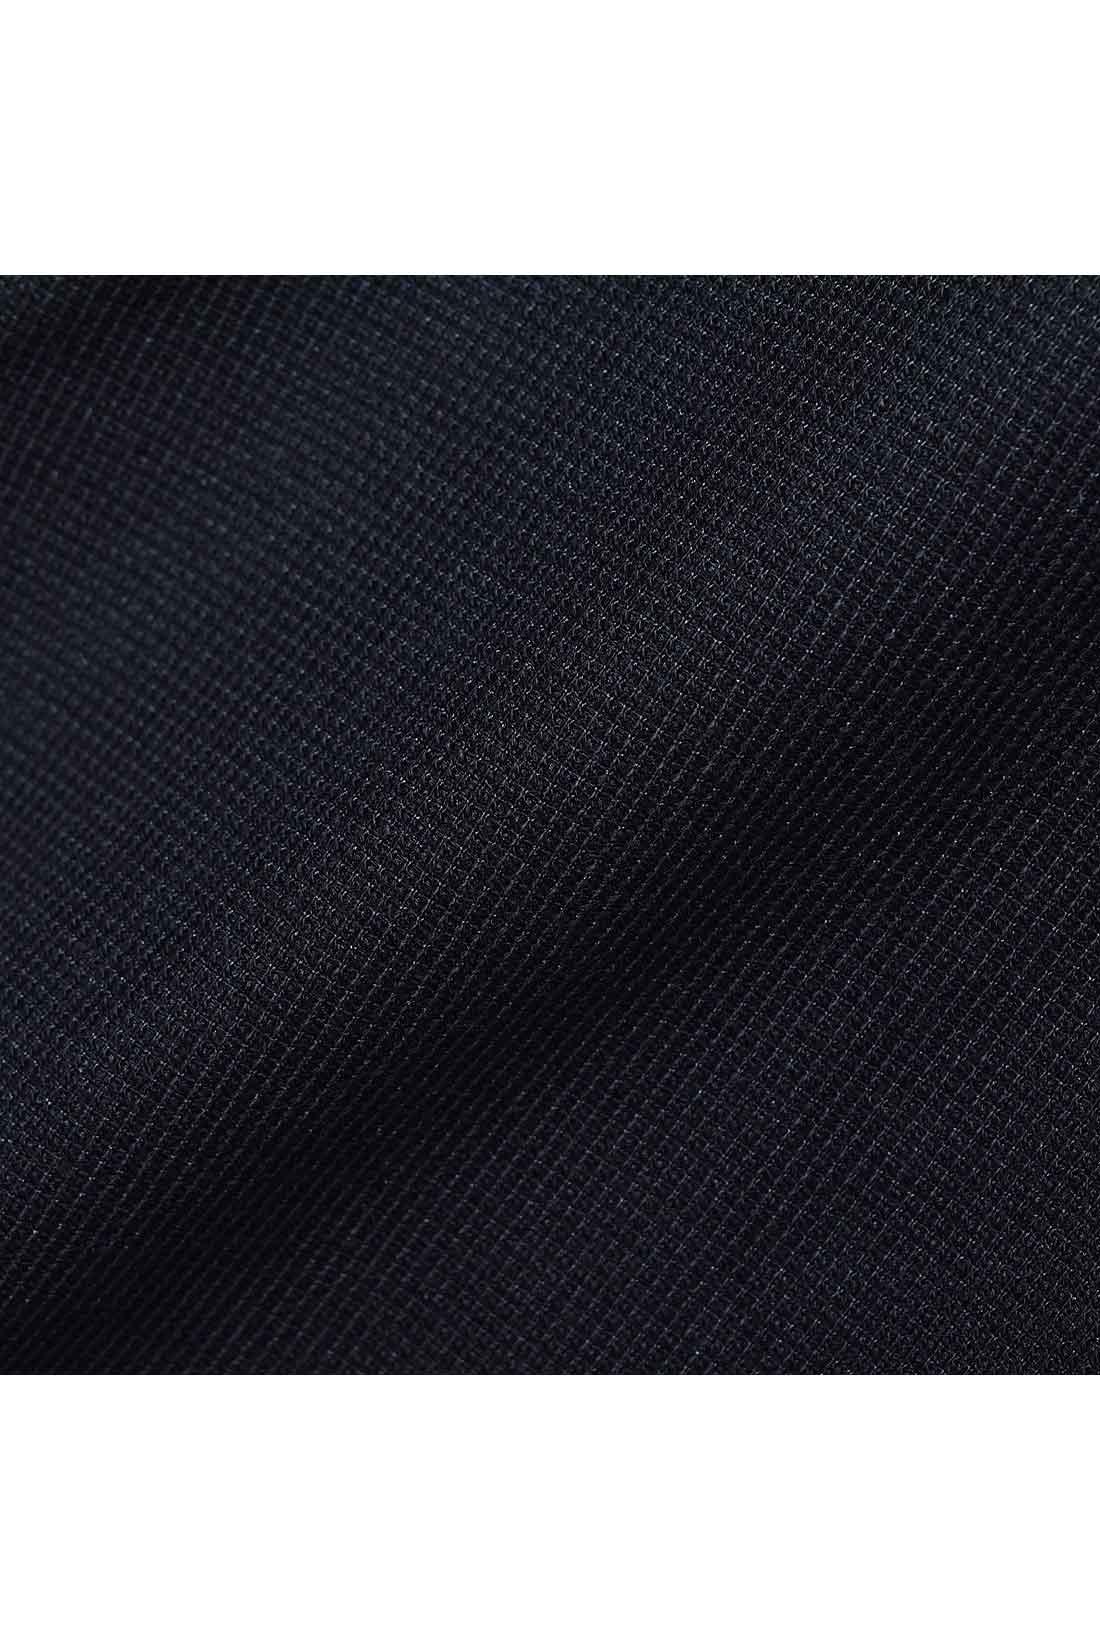 ほどよい厚みで凹凸感のある黒のカットソー素材。